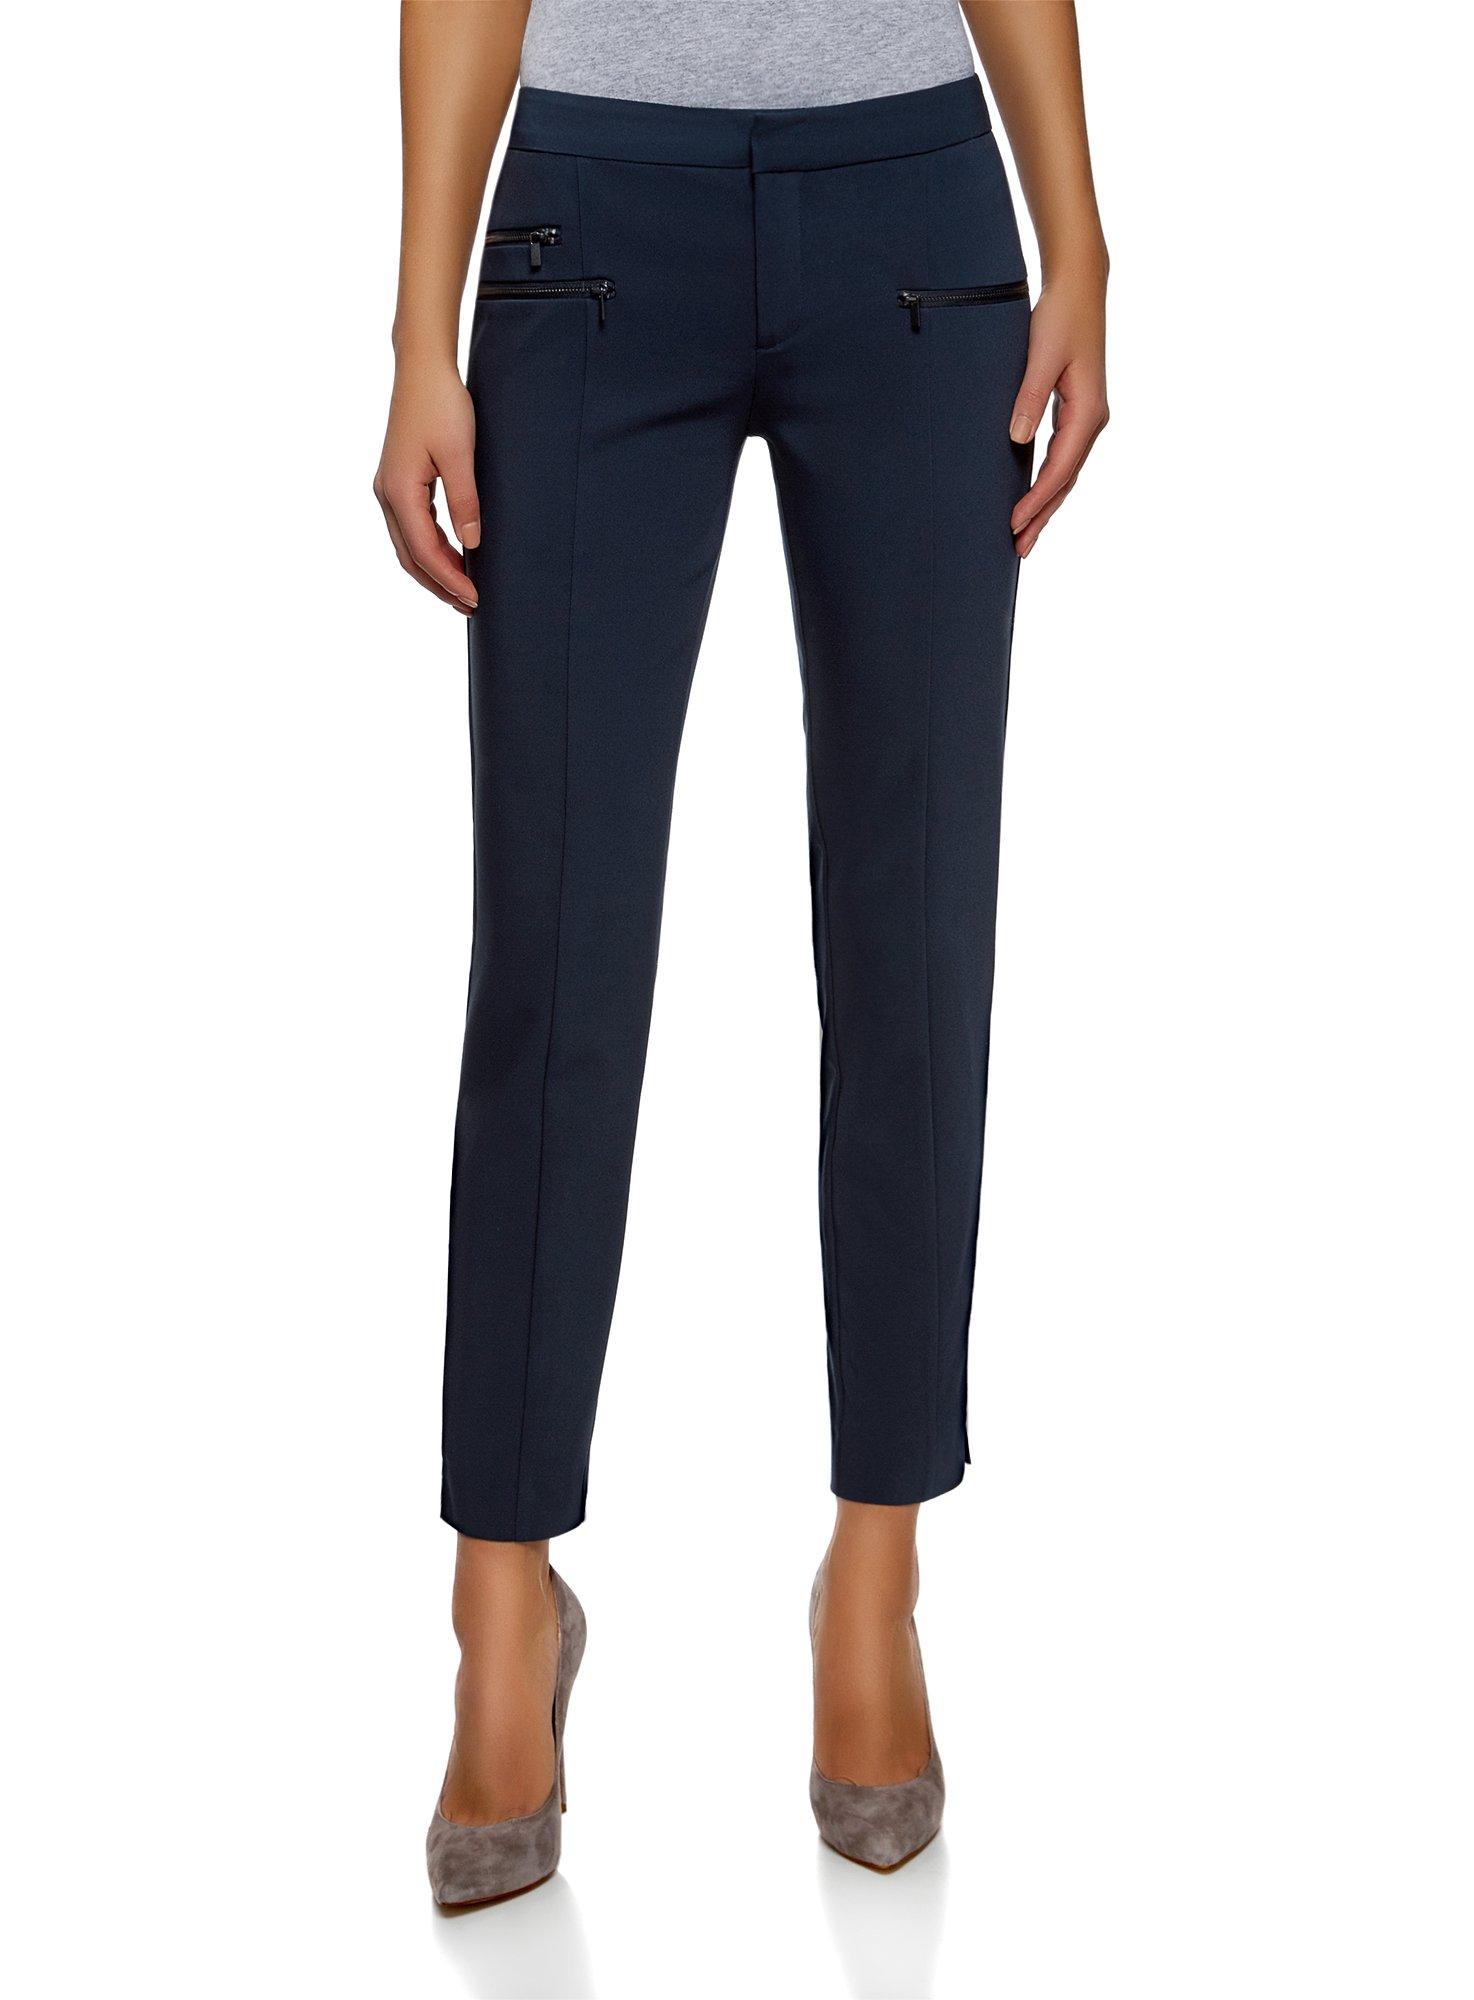 Femme Pantalon Slim Fit avec Zips Décoratifs